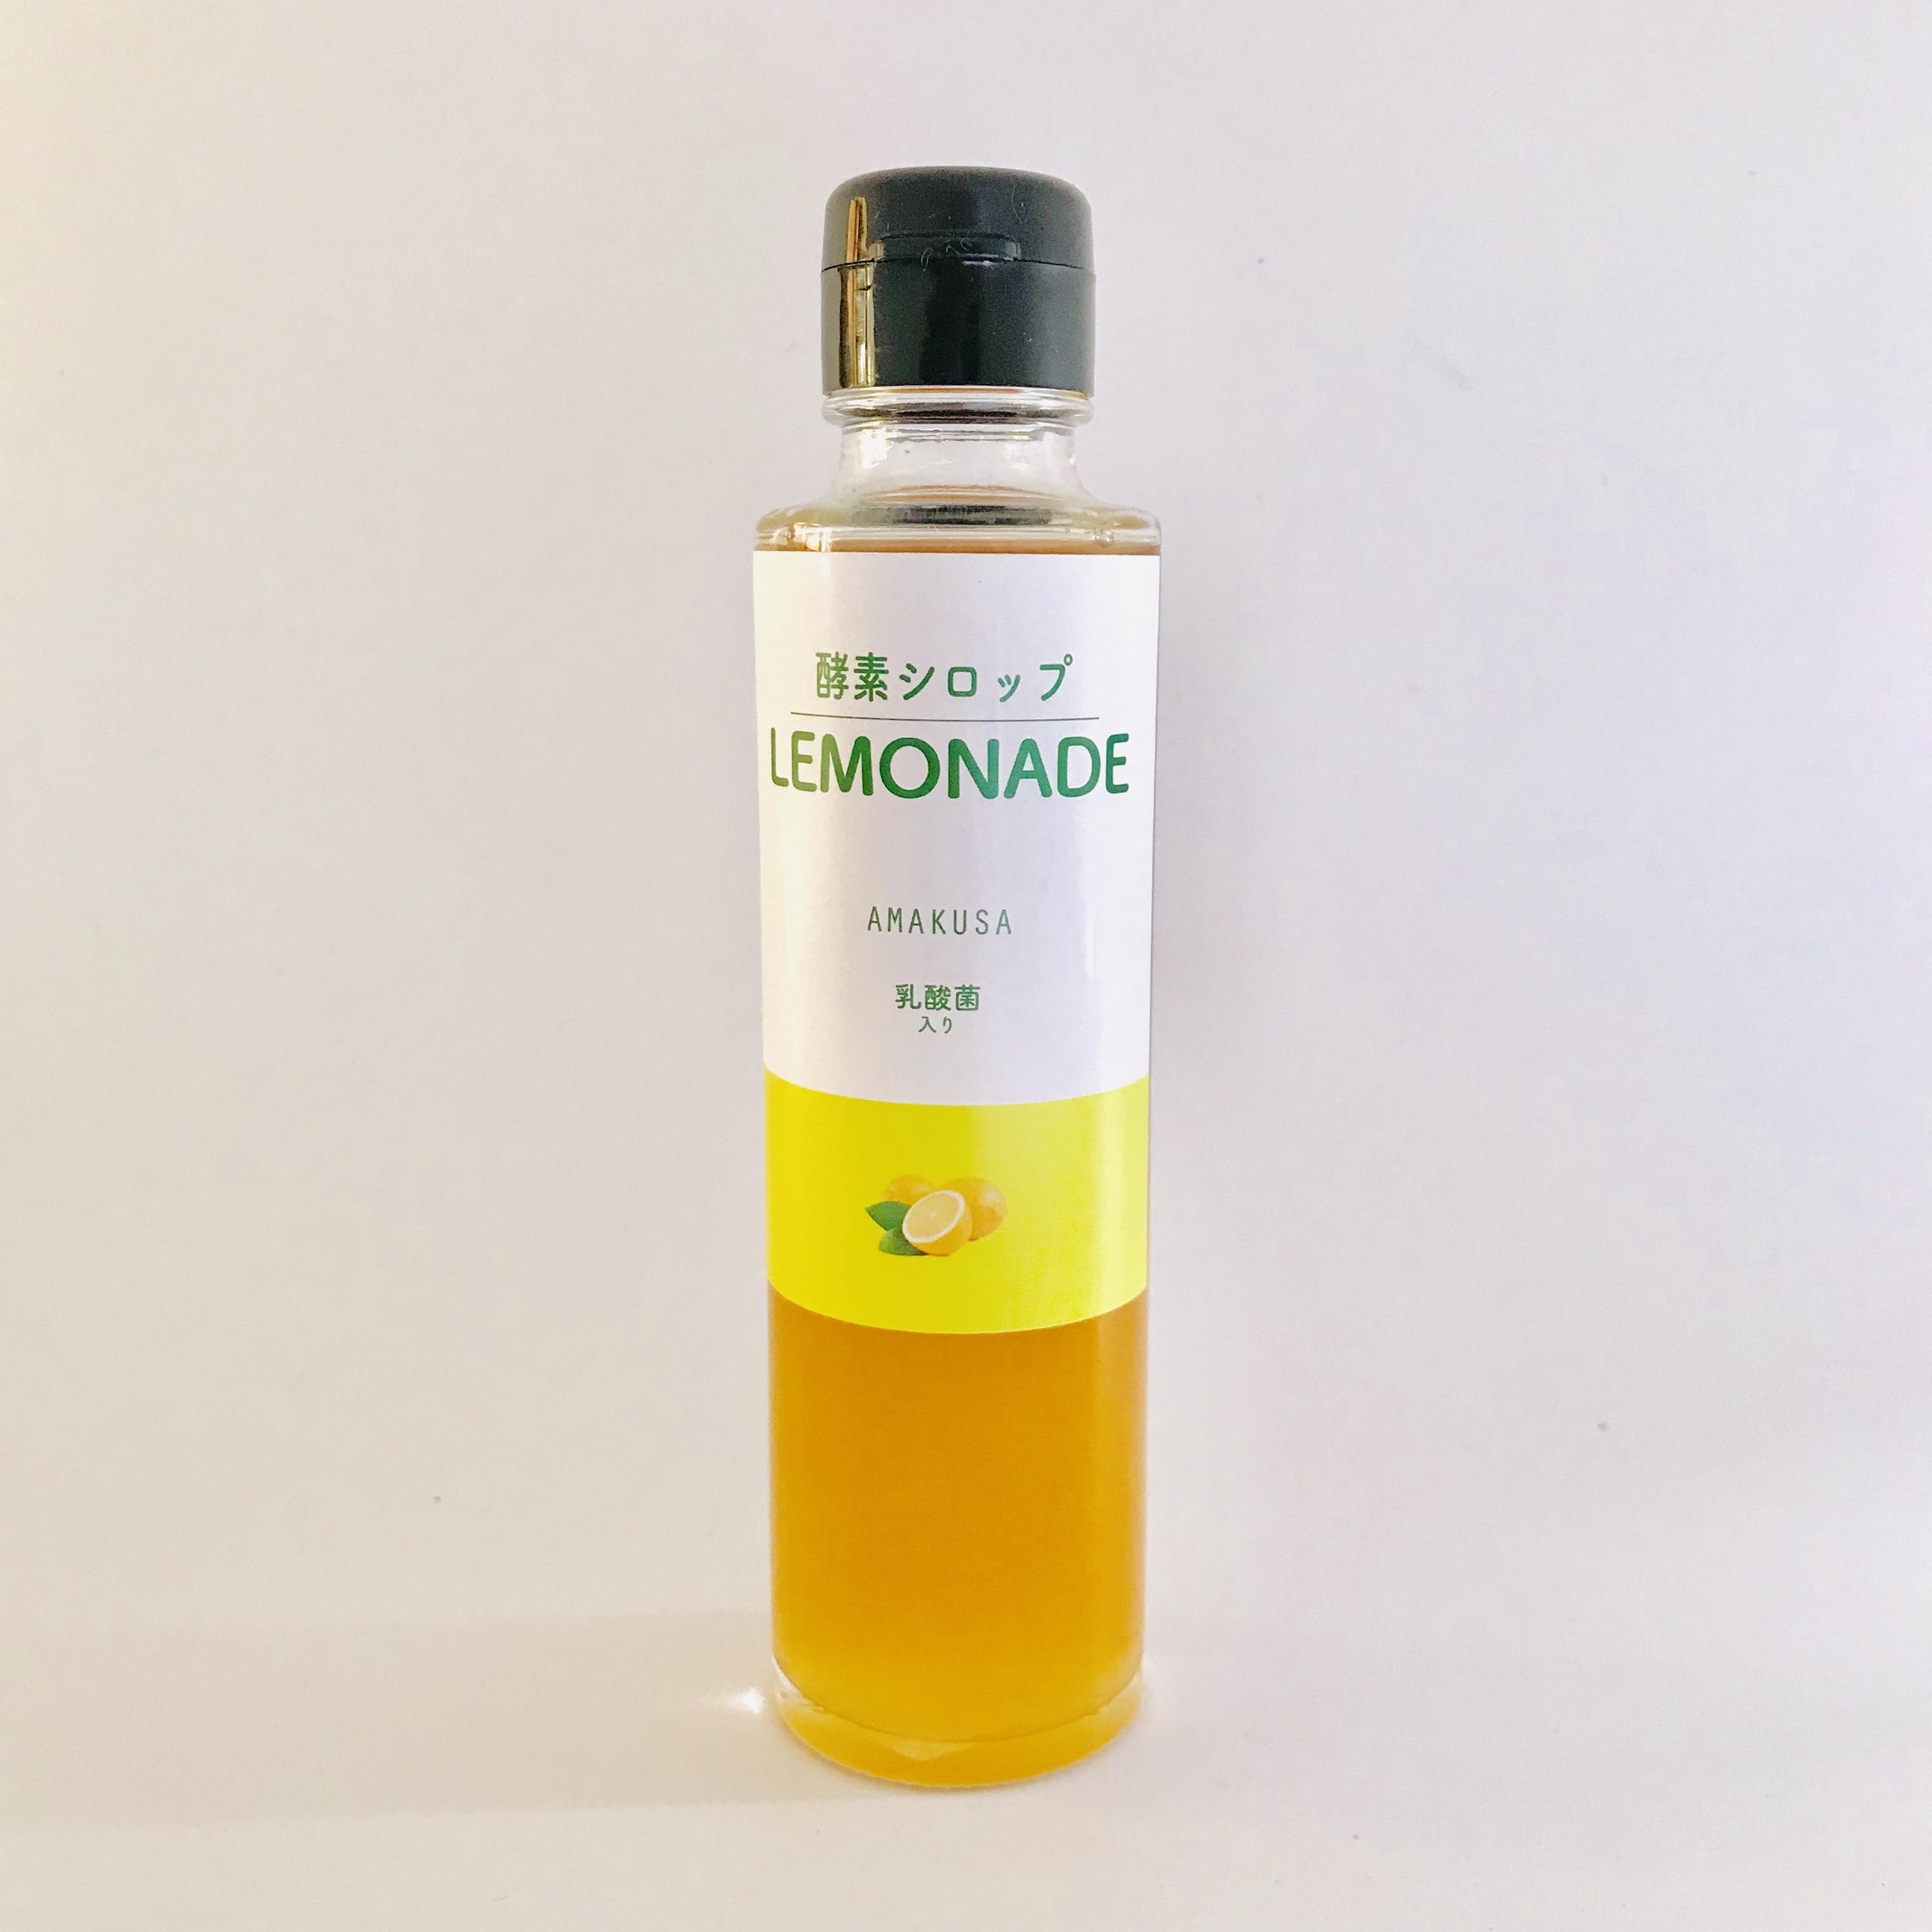 発酵レモネードシロップ